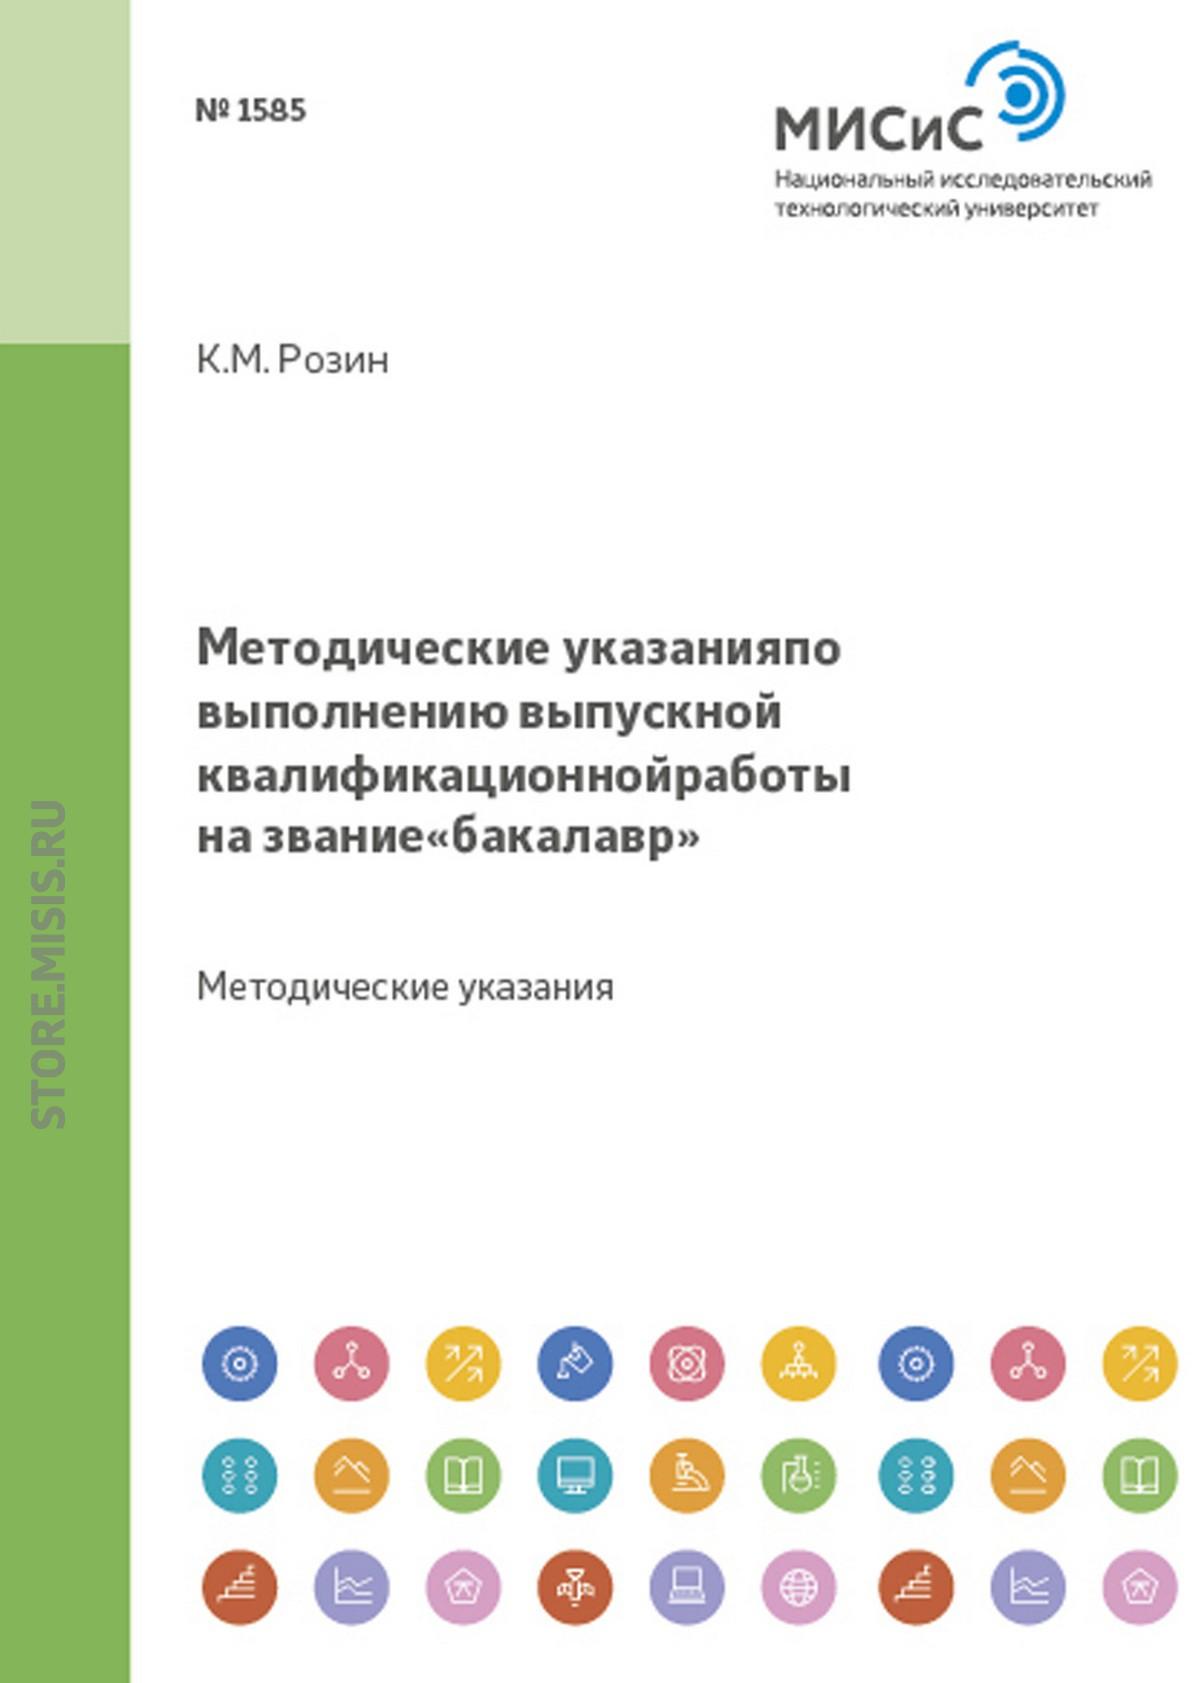 Константин Розин Методические указания по выполнению выпускной квалификационной работы на звание «бакалавр»